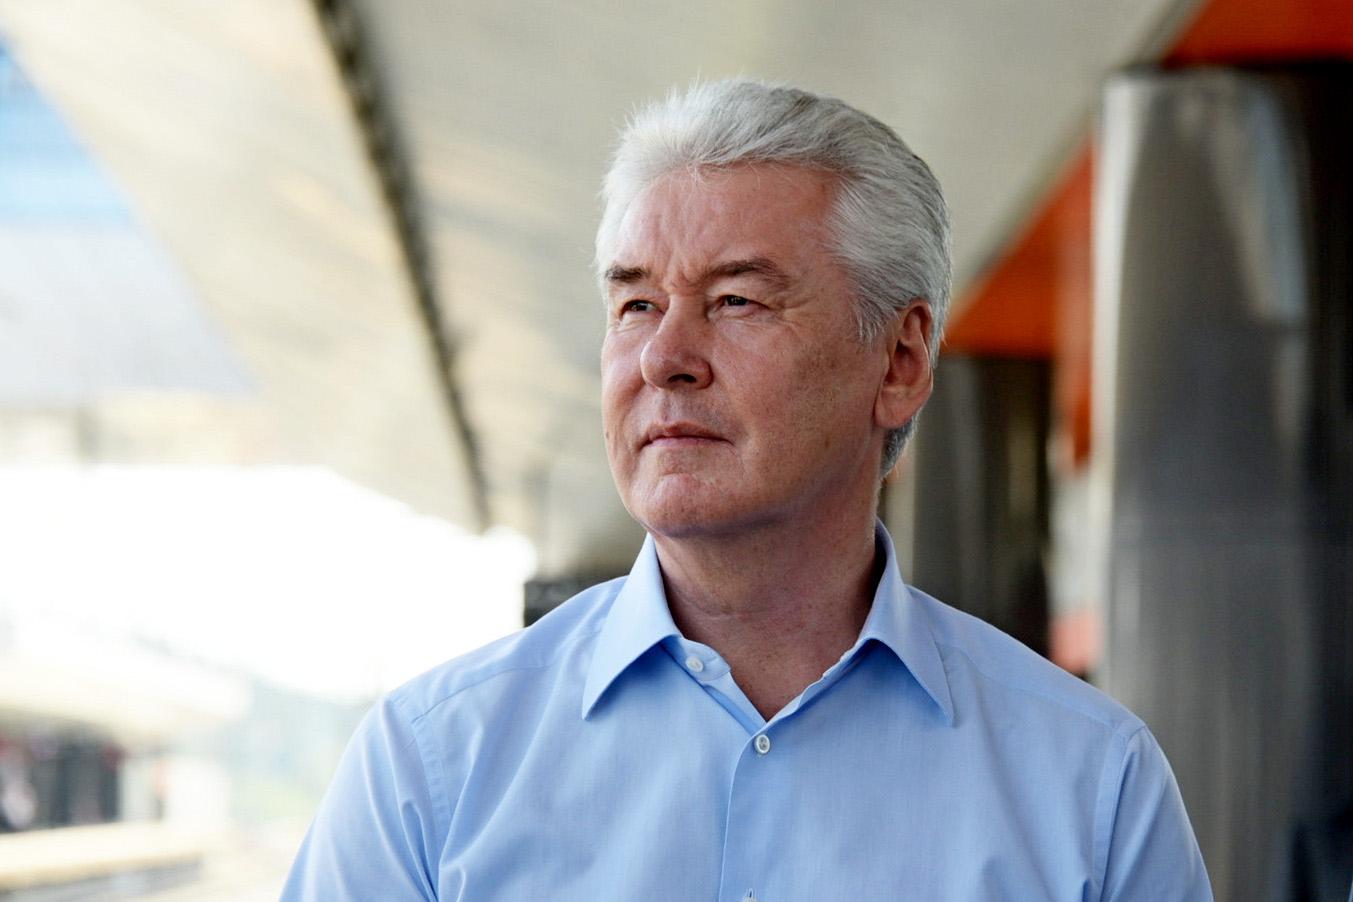 Сергей Собянин рассказал о темпах строительства метро в 2020 году